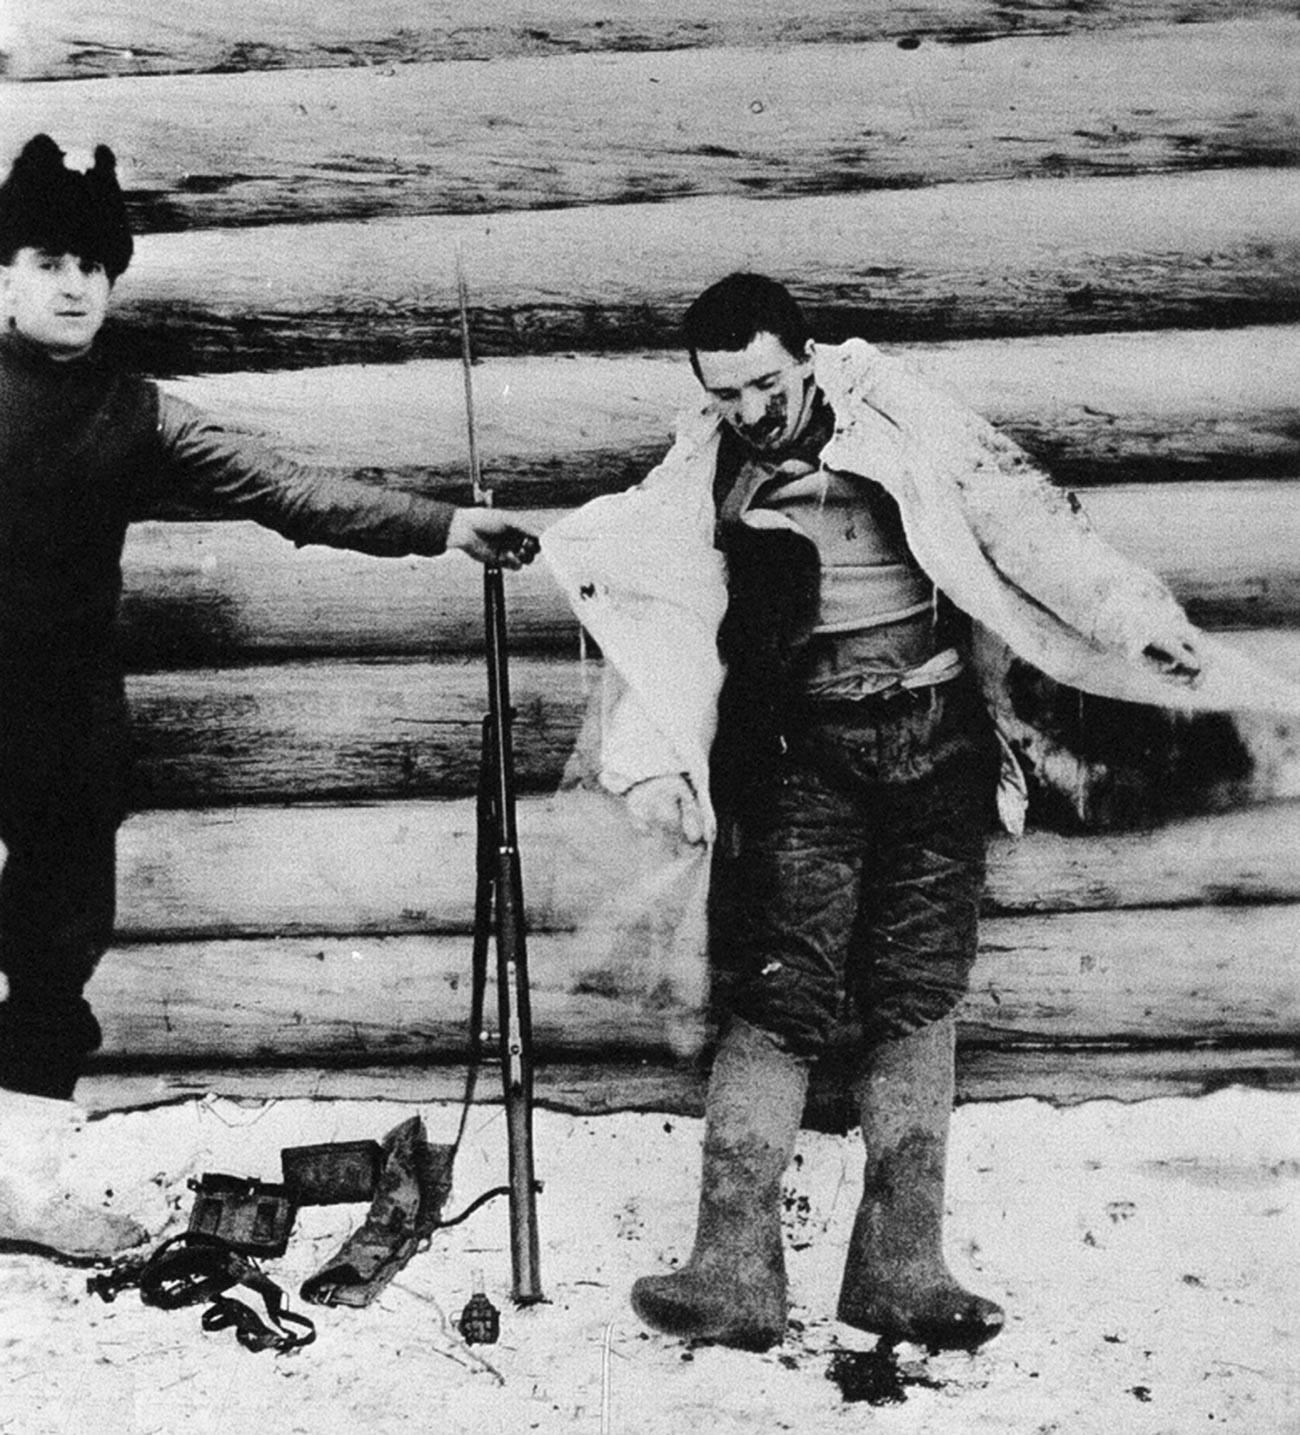 Большевик, застреленный американскими солдатами недалеко от Архангельска.